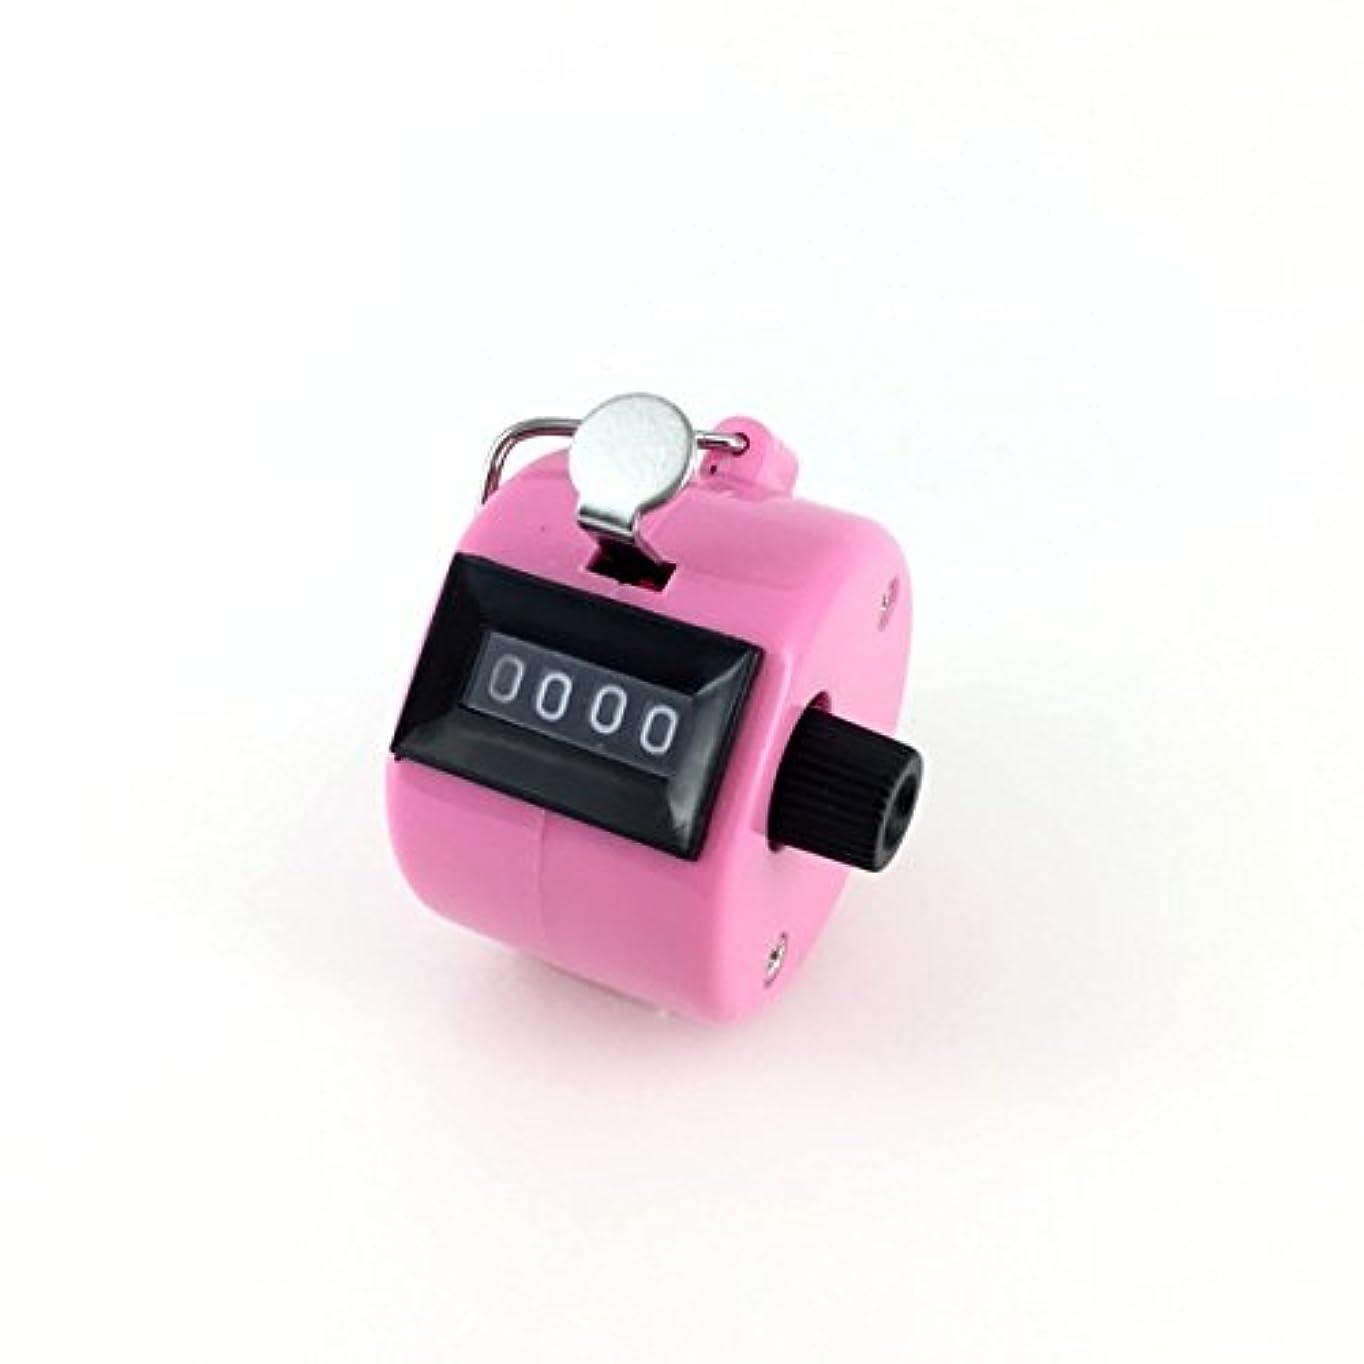 ビジュアル味わう地区エクステカウンター 手持ちホルダー付き 数取器 まつげエクステ用品 カラー4色 (ピンク)